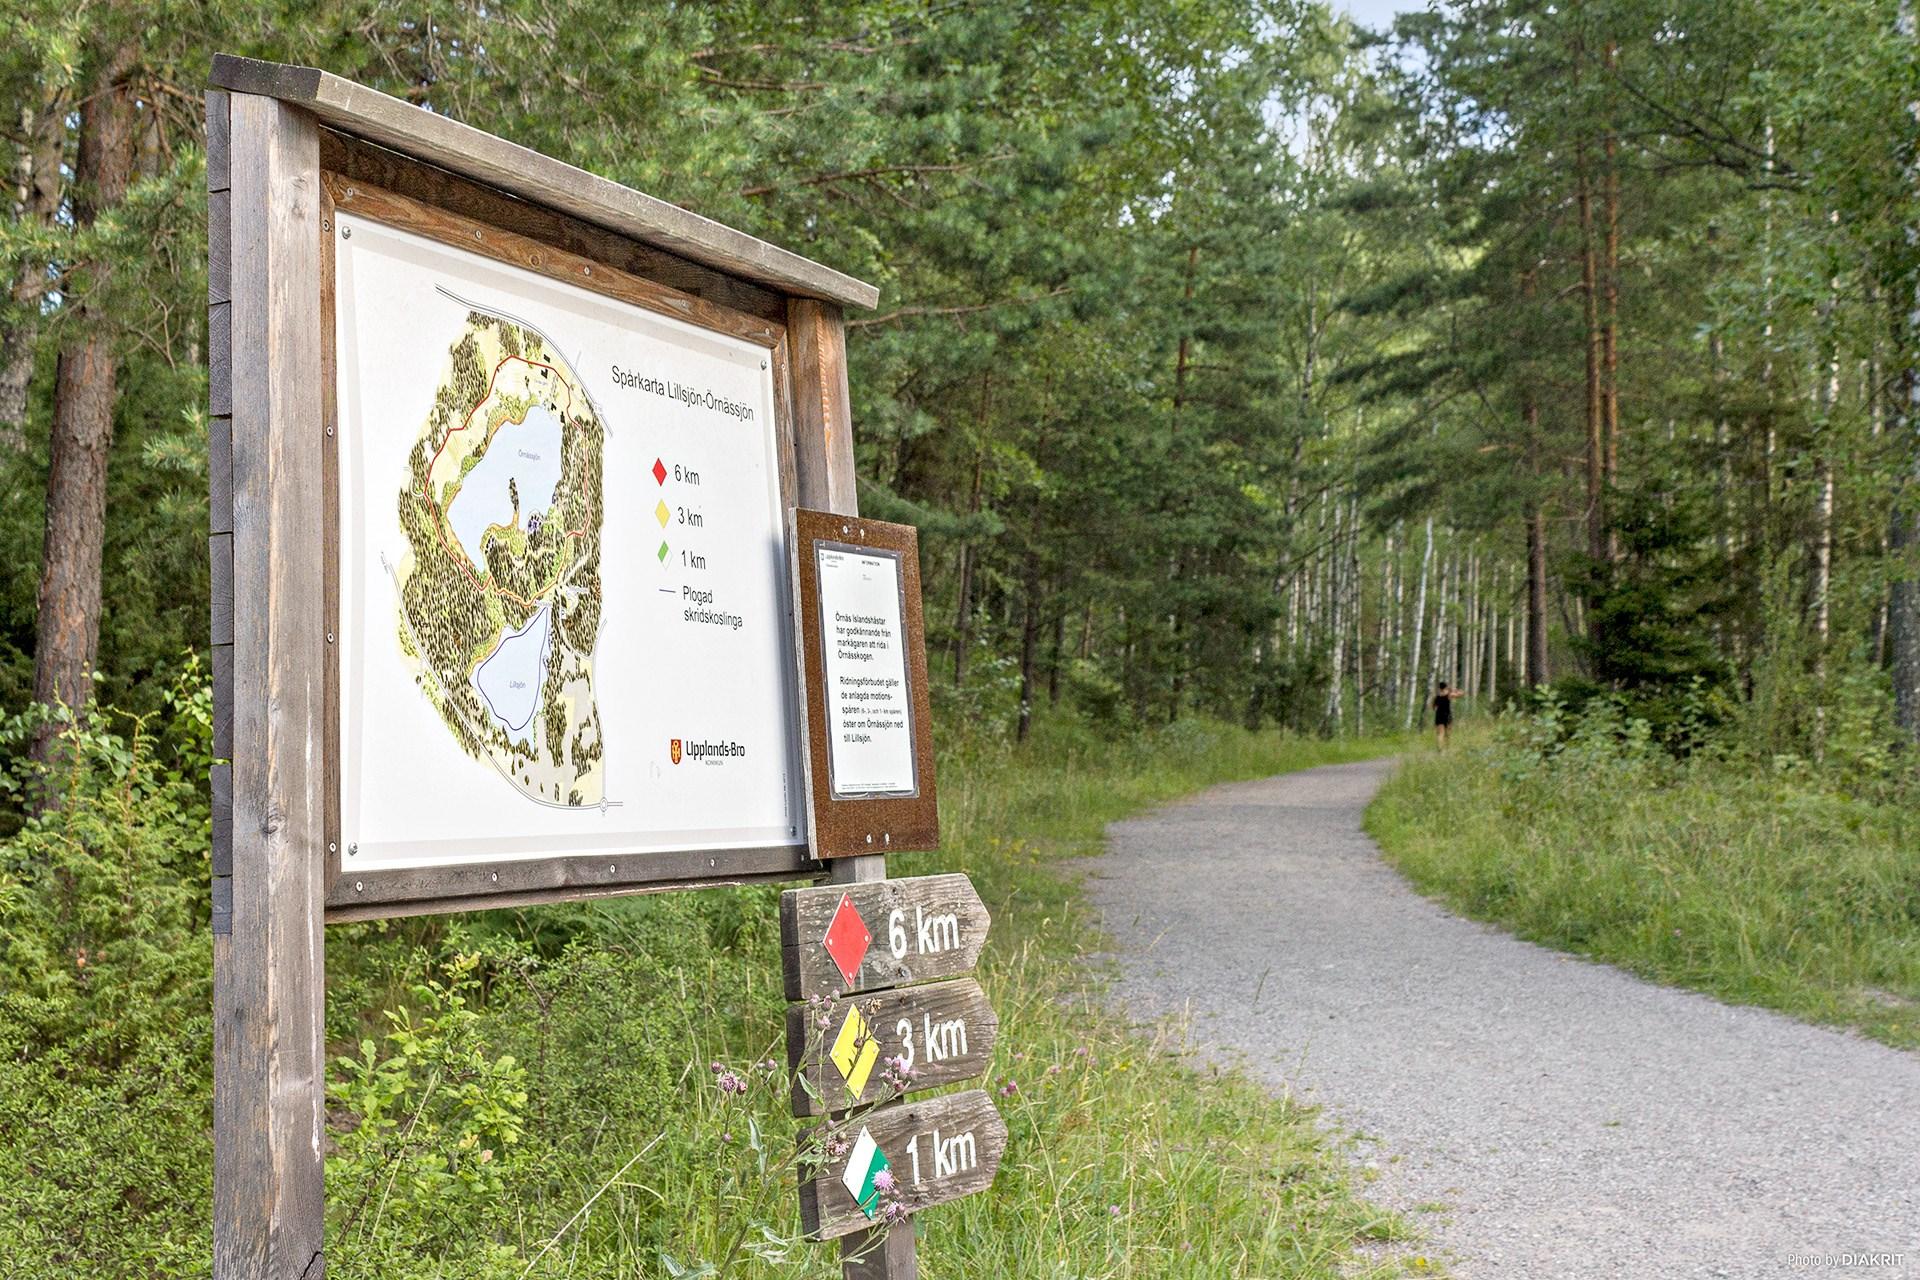 Spår i skogen, vilken sträcka passar bäst för dig?